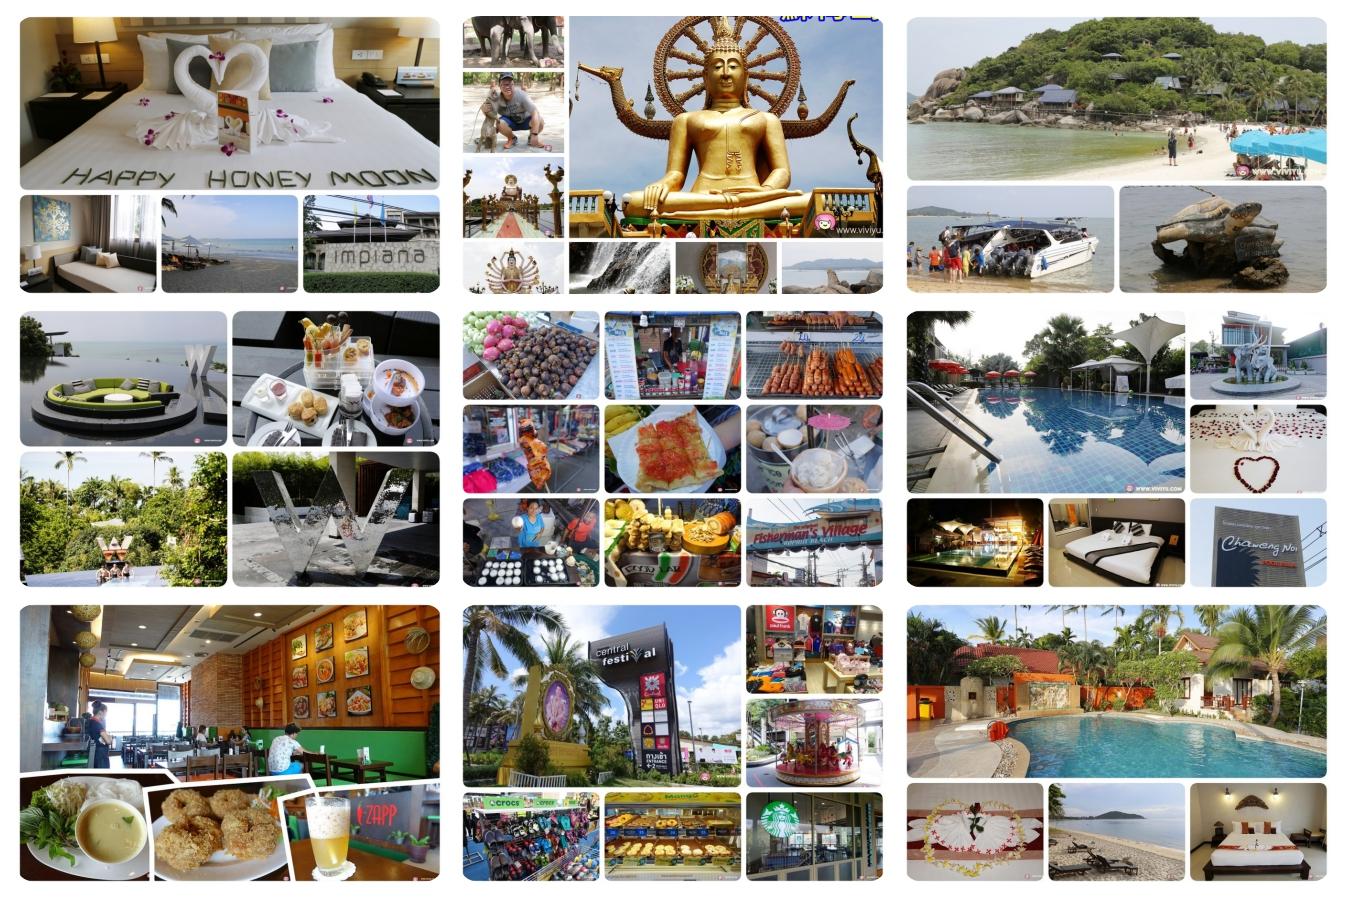 延伸閱讀:[蘇梅島.旅遊]泰國蘇梅島七天旅程~背包客自由行行程規劃.度蜜月與放鬆心情的最佳島嶼